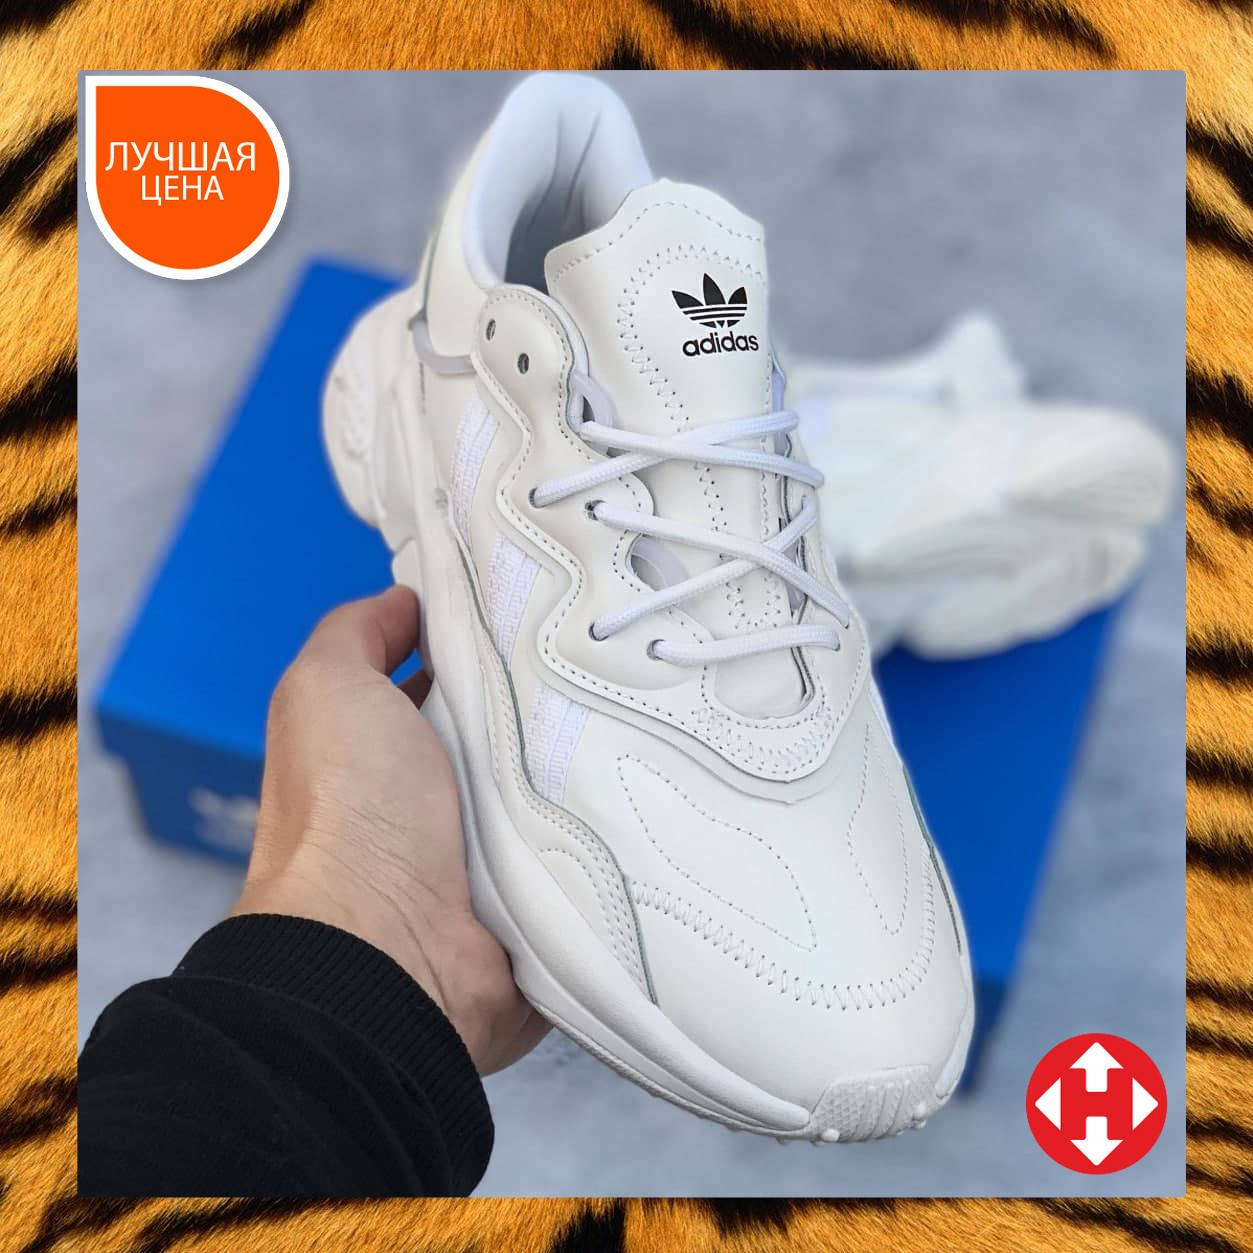 🔥 Кроссовки мужские Adidas Ozweego адидас озвиго белые повседневные спортивные легкие